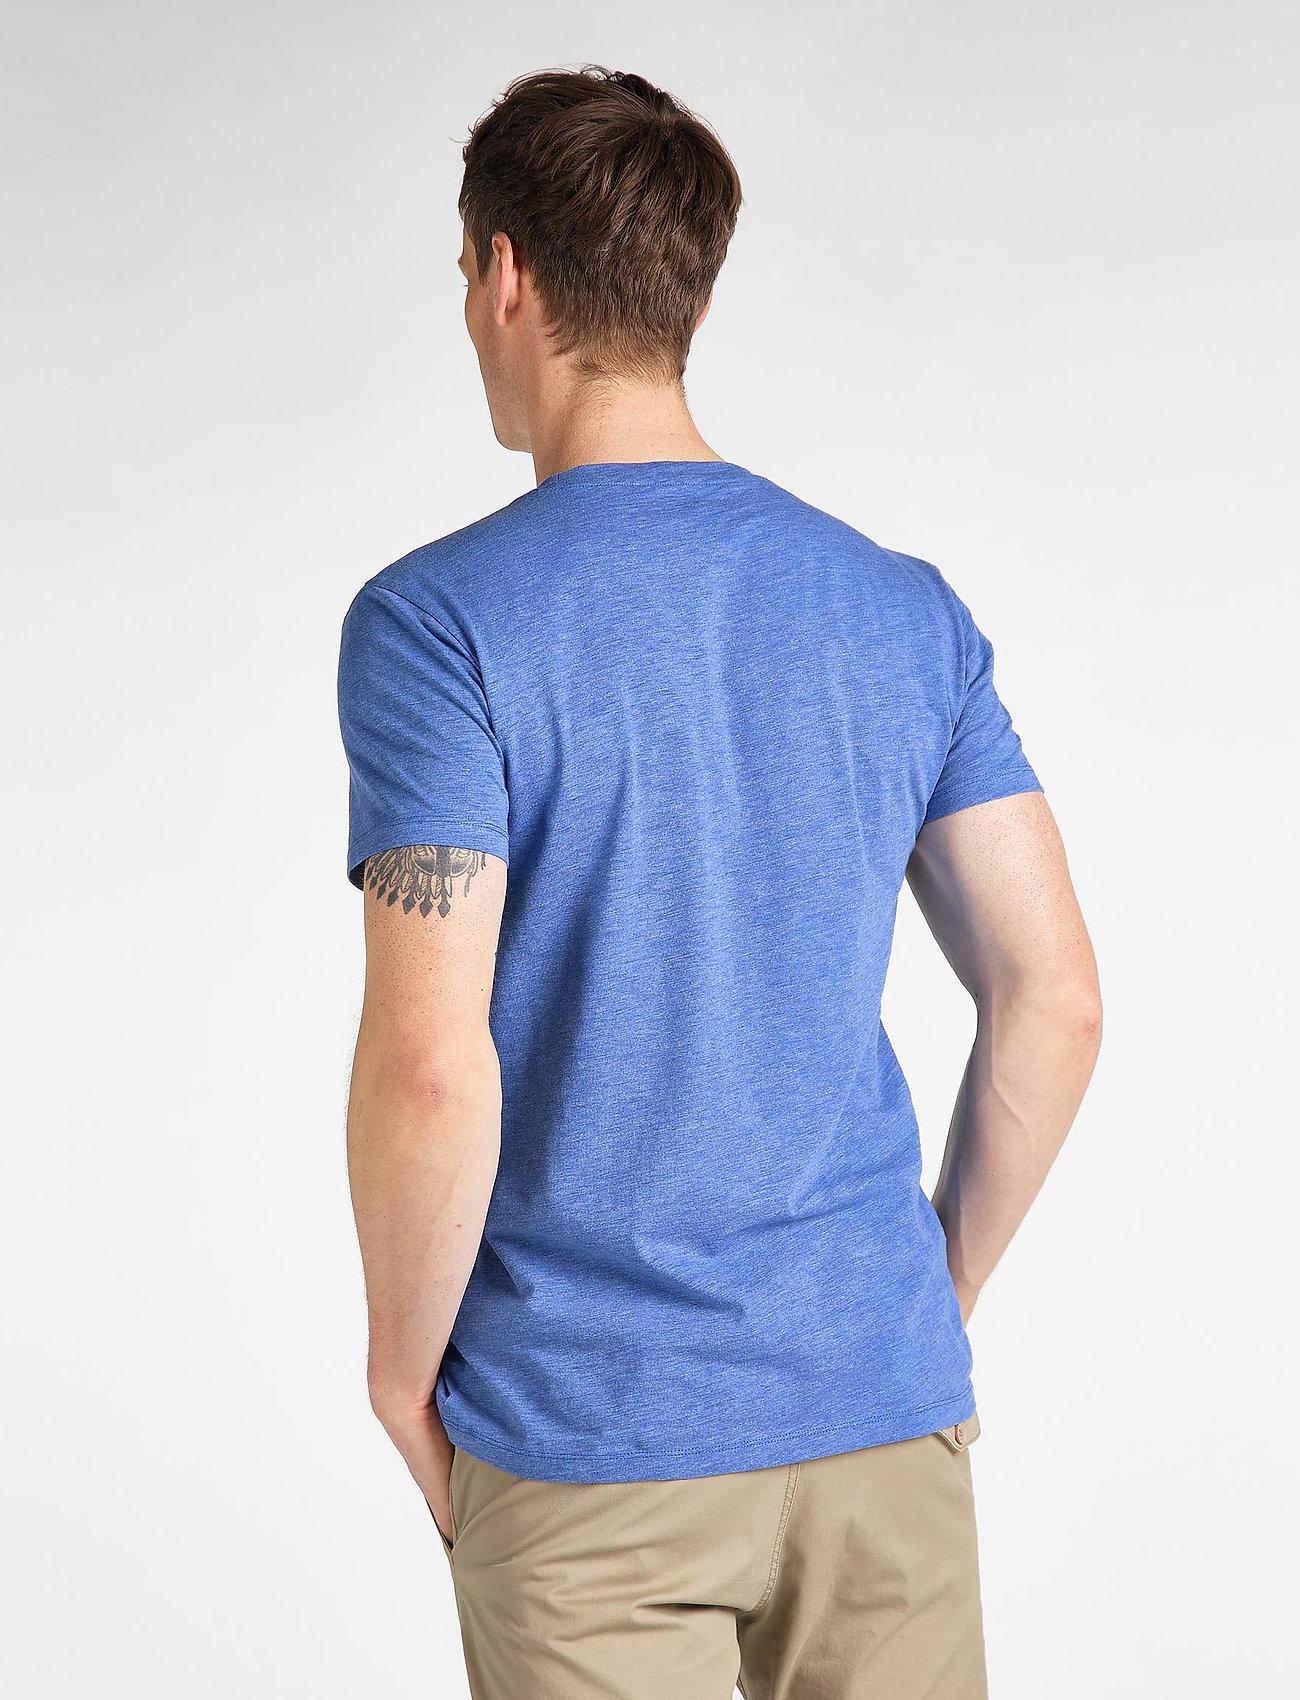 Lee Jeans Ultimate Pocket - T-shirts Summer Blue